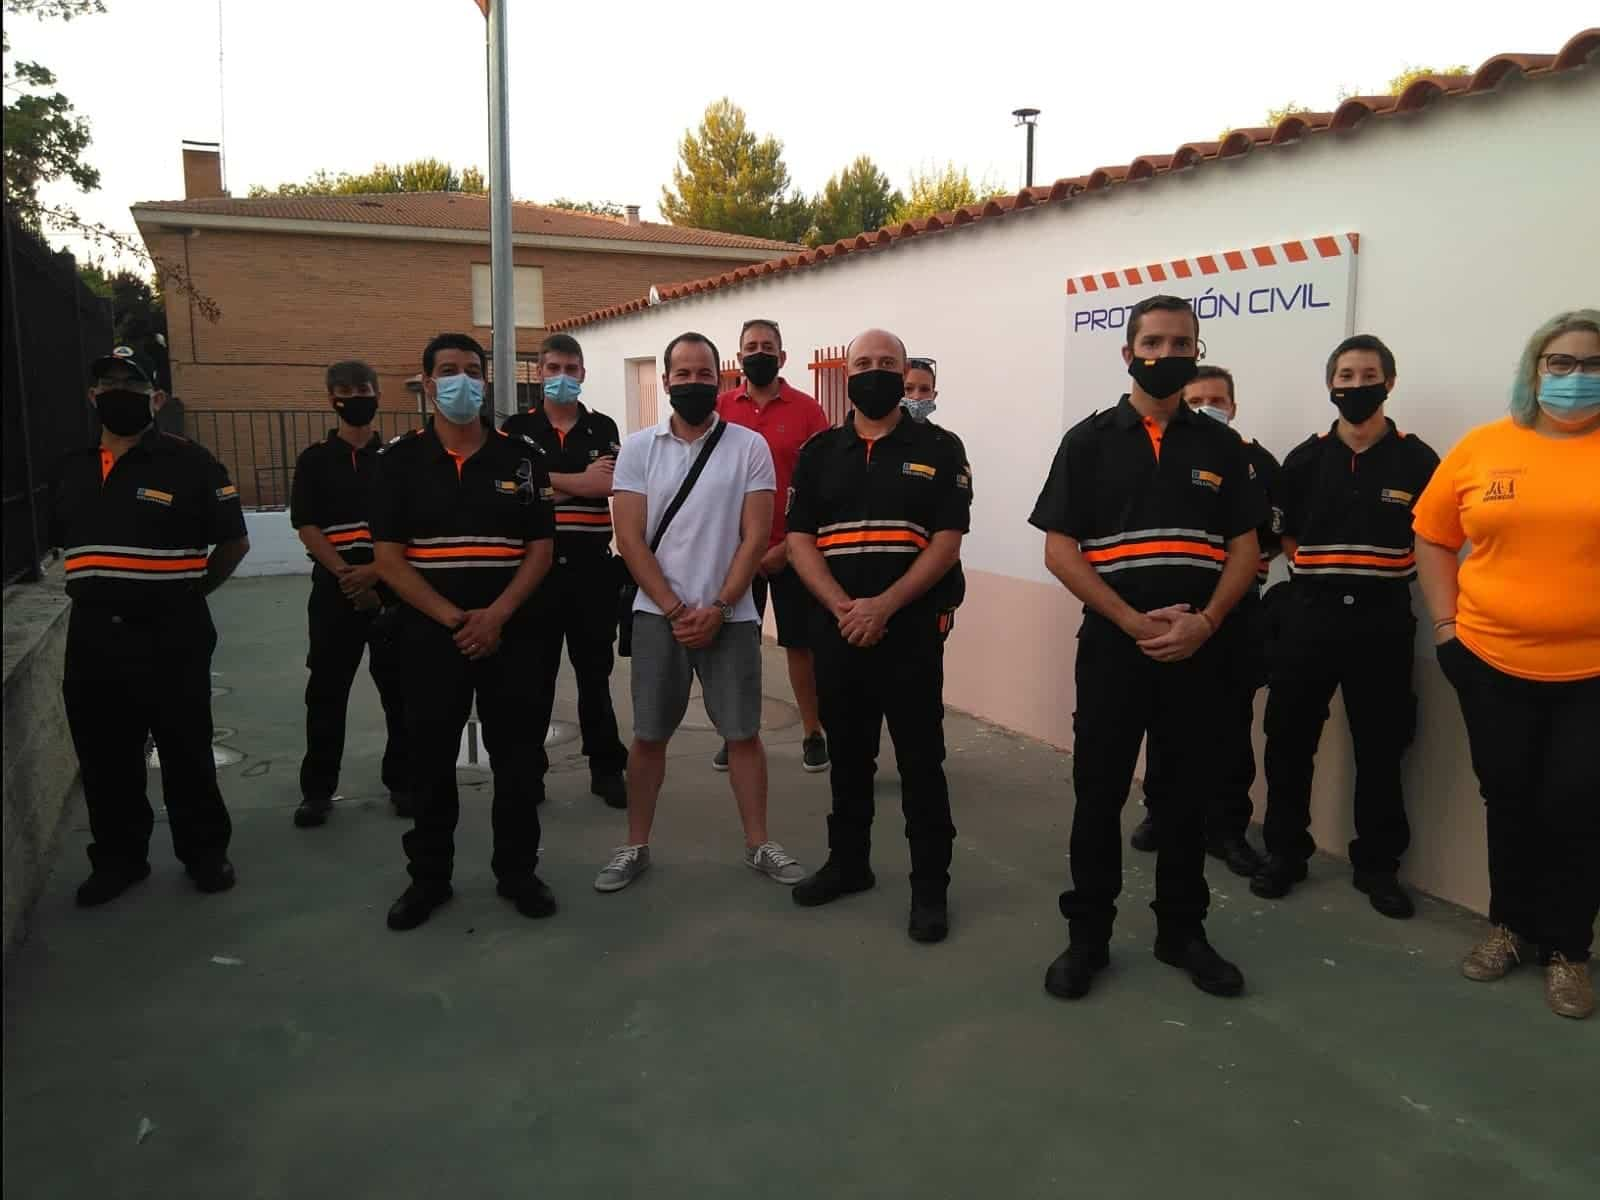 inauguracion nueva sede proteccion civil herencia 4 - La Agrupación de Voluntarios de Protección Civil inauguró su nueva sede local